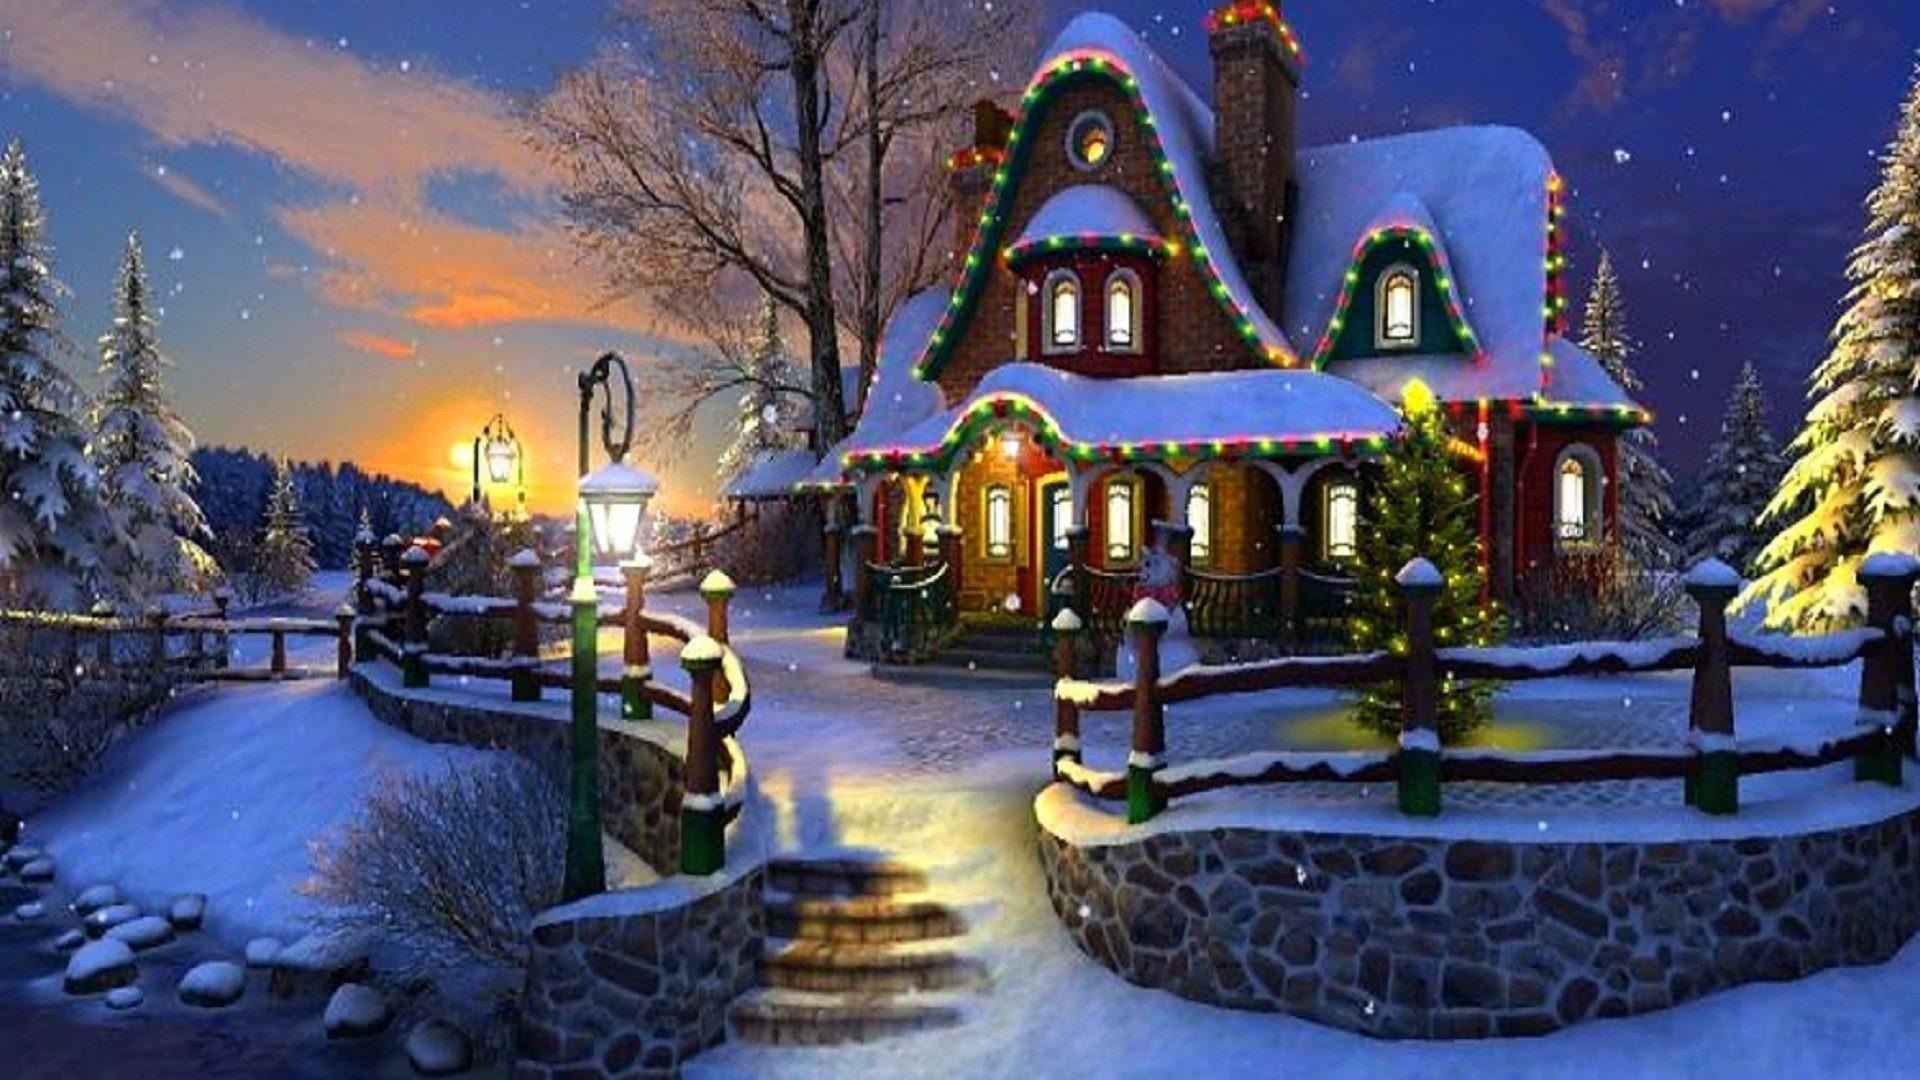 Обои для рабочего стола зима в деревне сказочные домики